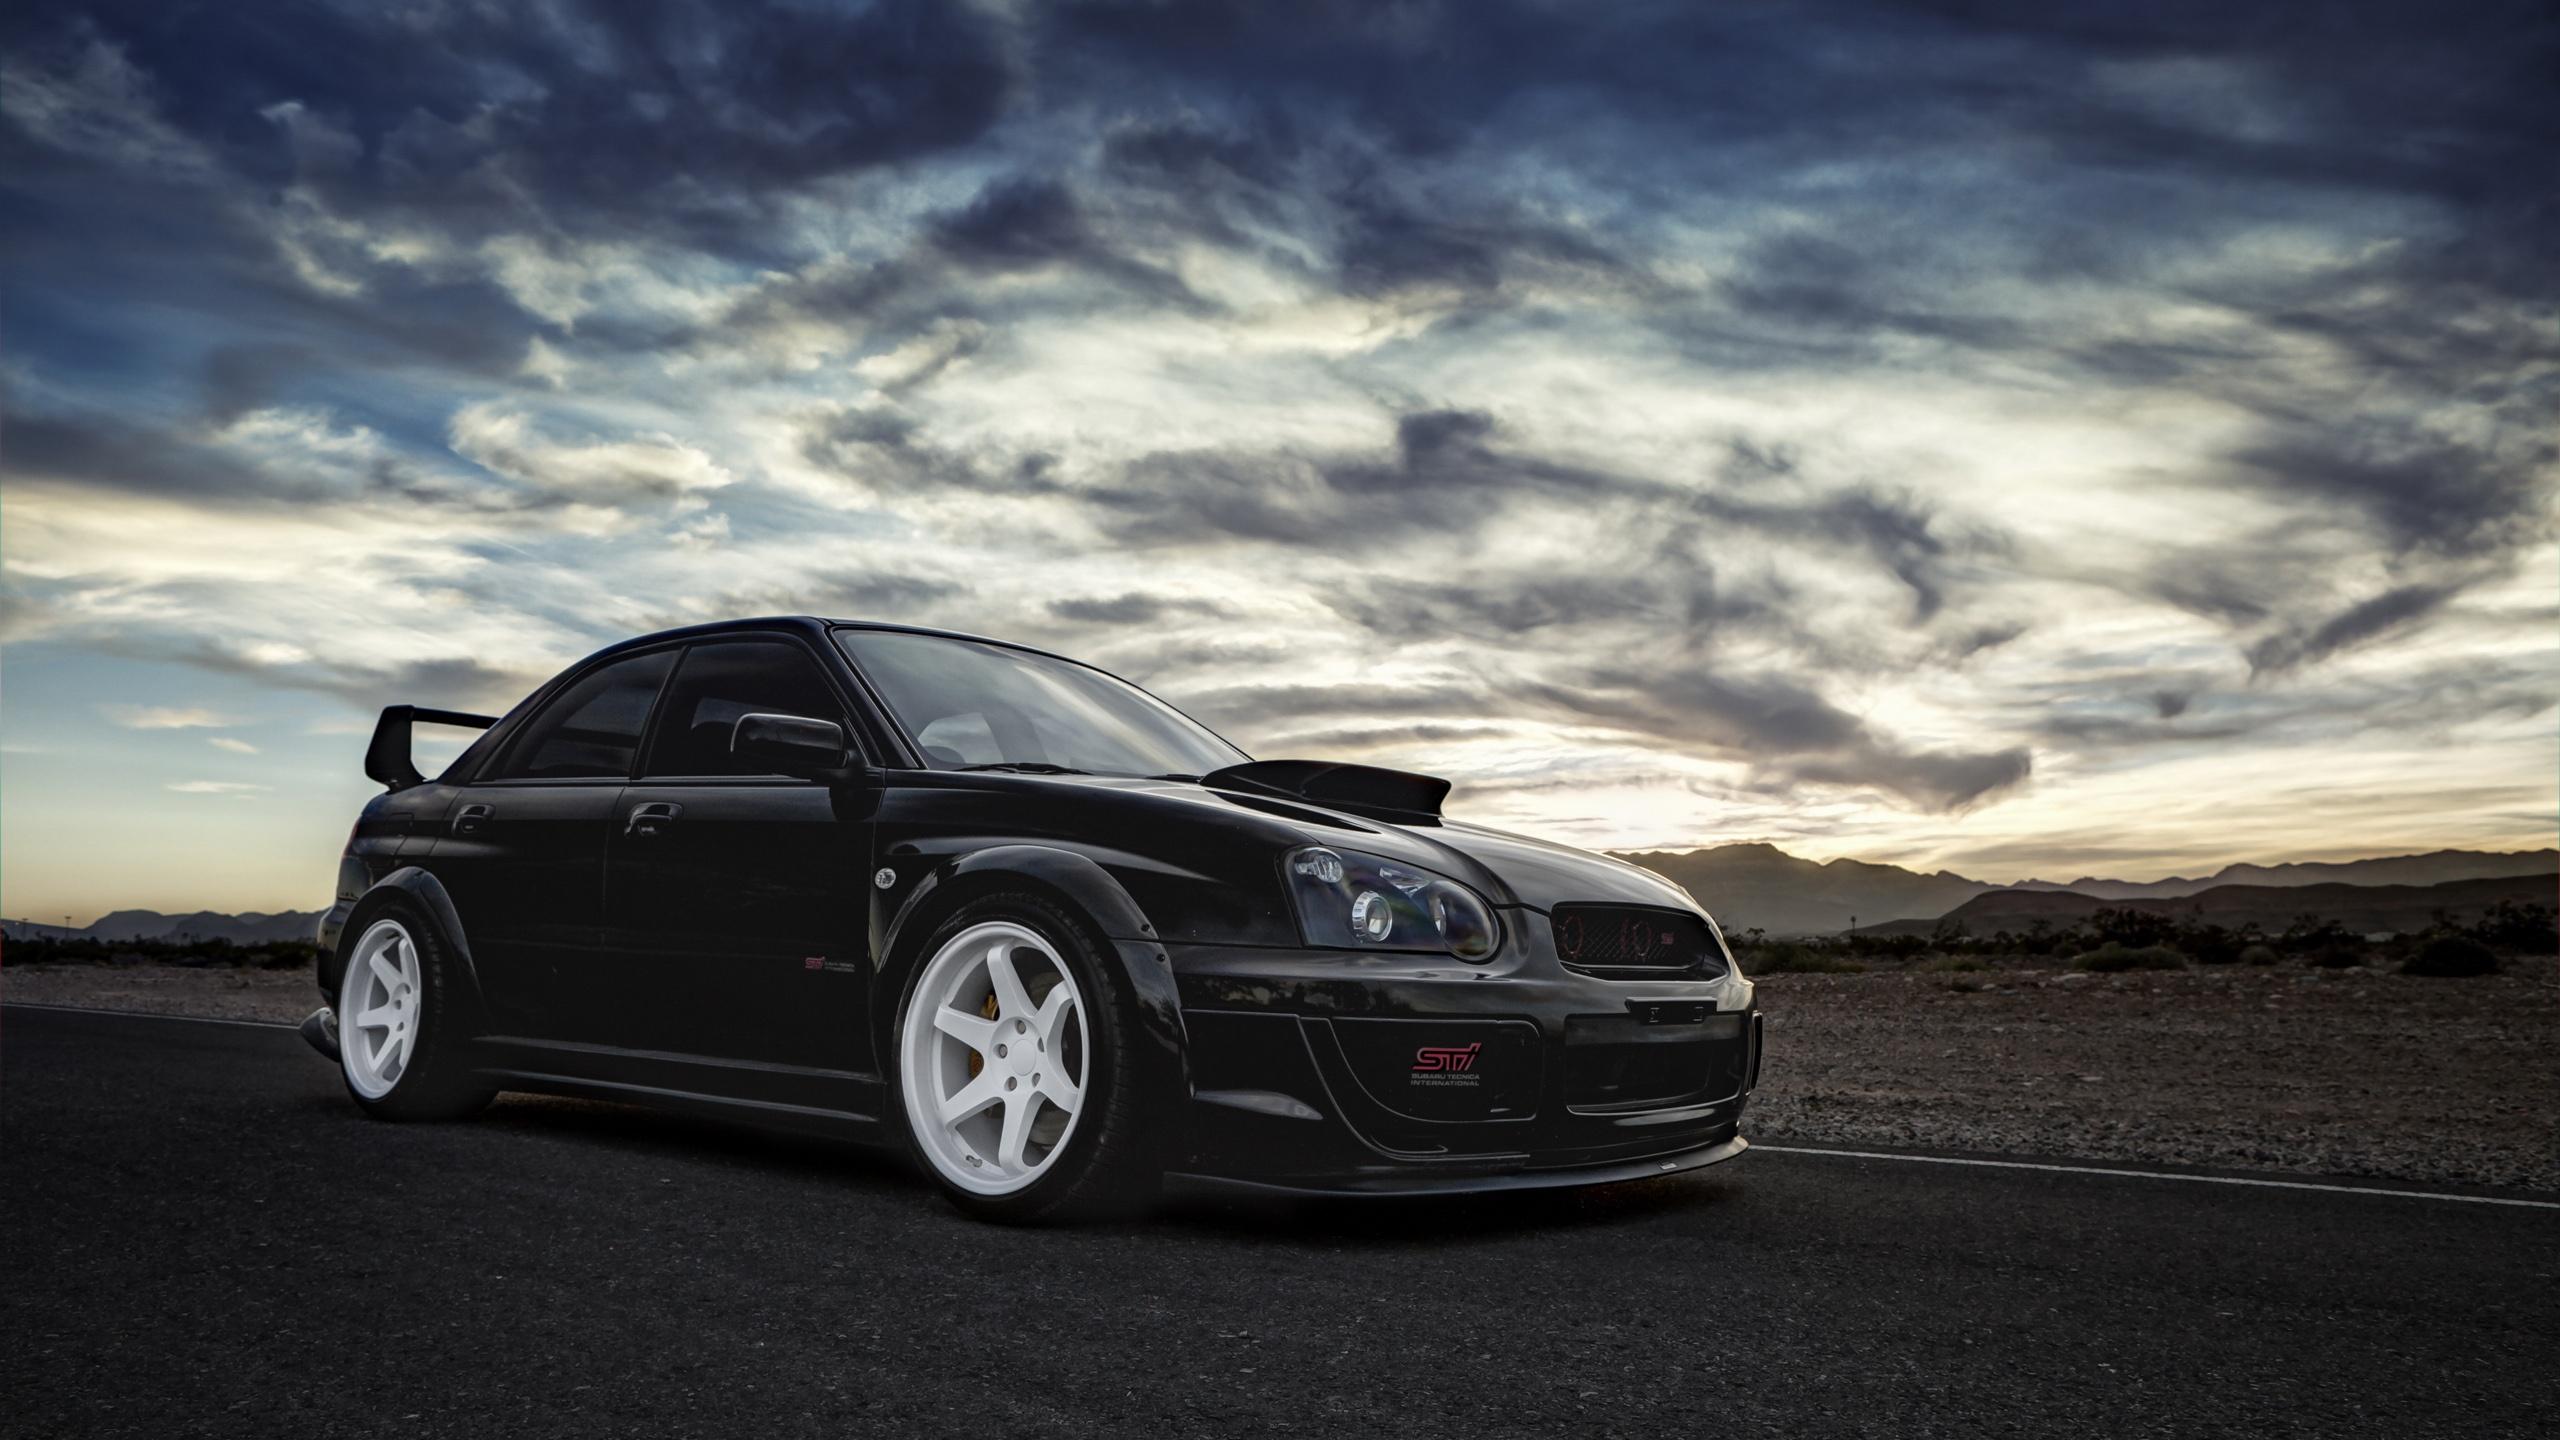 壁紙 スバルインプレッサwrx Stiの黒い車 2560x1440 Qhd 無料の